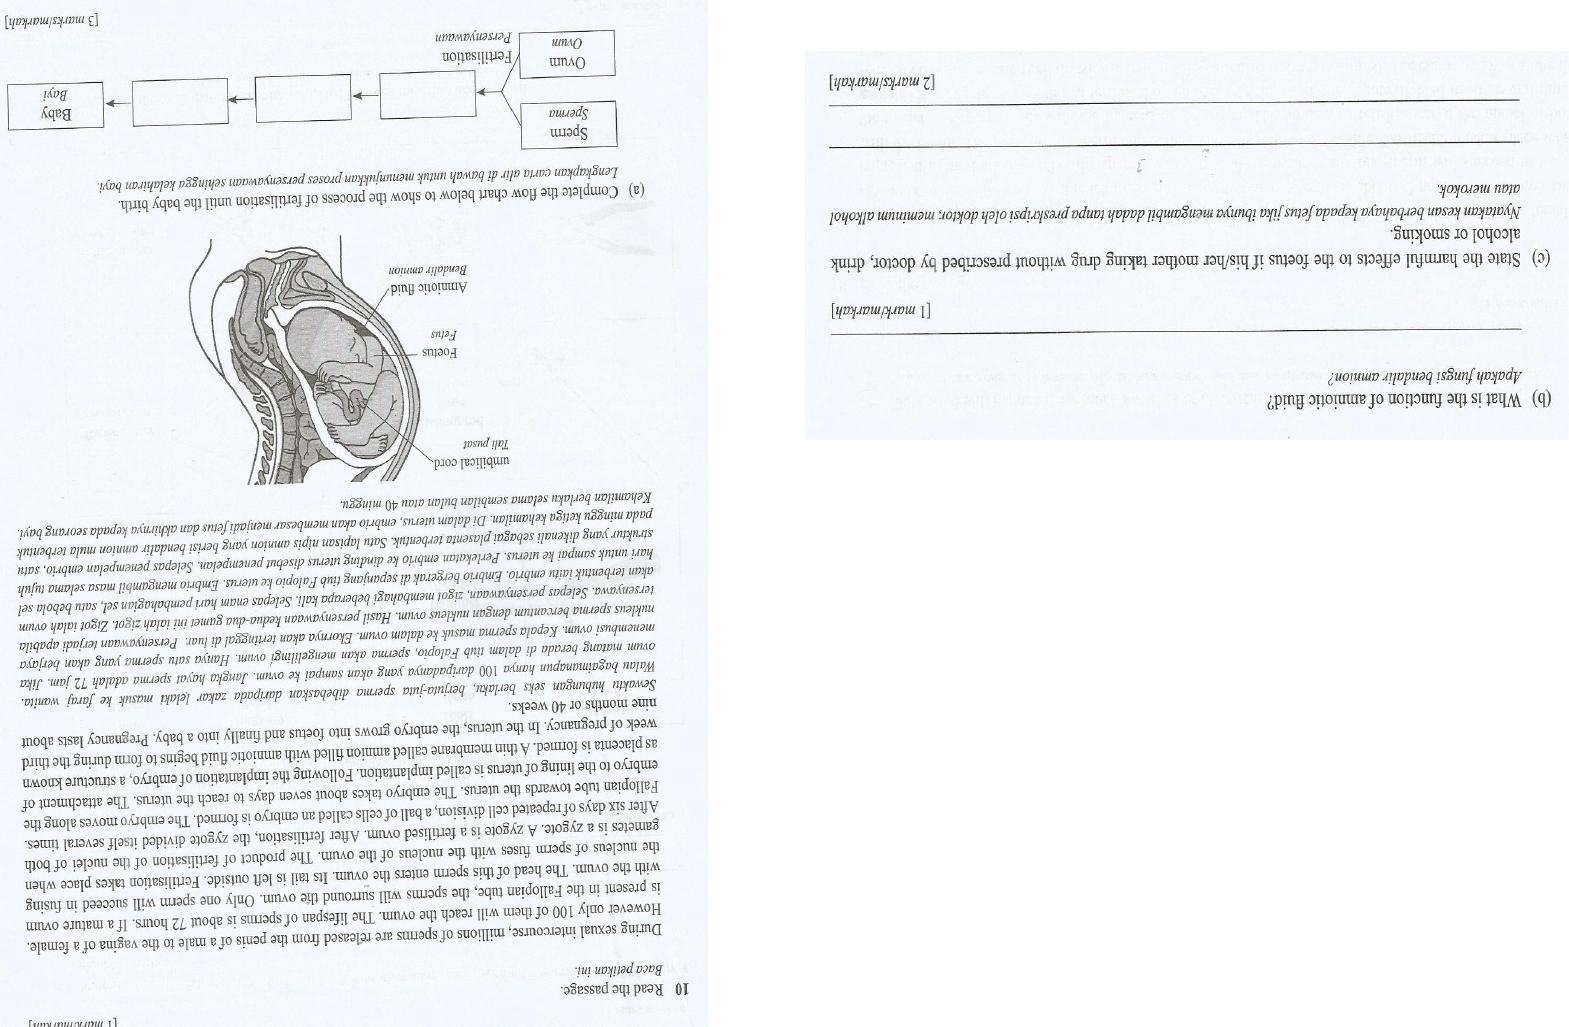 Latihan Biologi Tingkatan 4 Berguna Latihan Bab 4 Pembiakan form 3 Of Senarai Latihan Biologi Tingkatan 4 Yang Power Khas Untuk Para Murid Dapatkan!